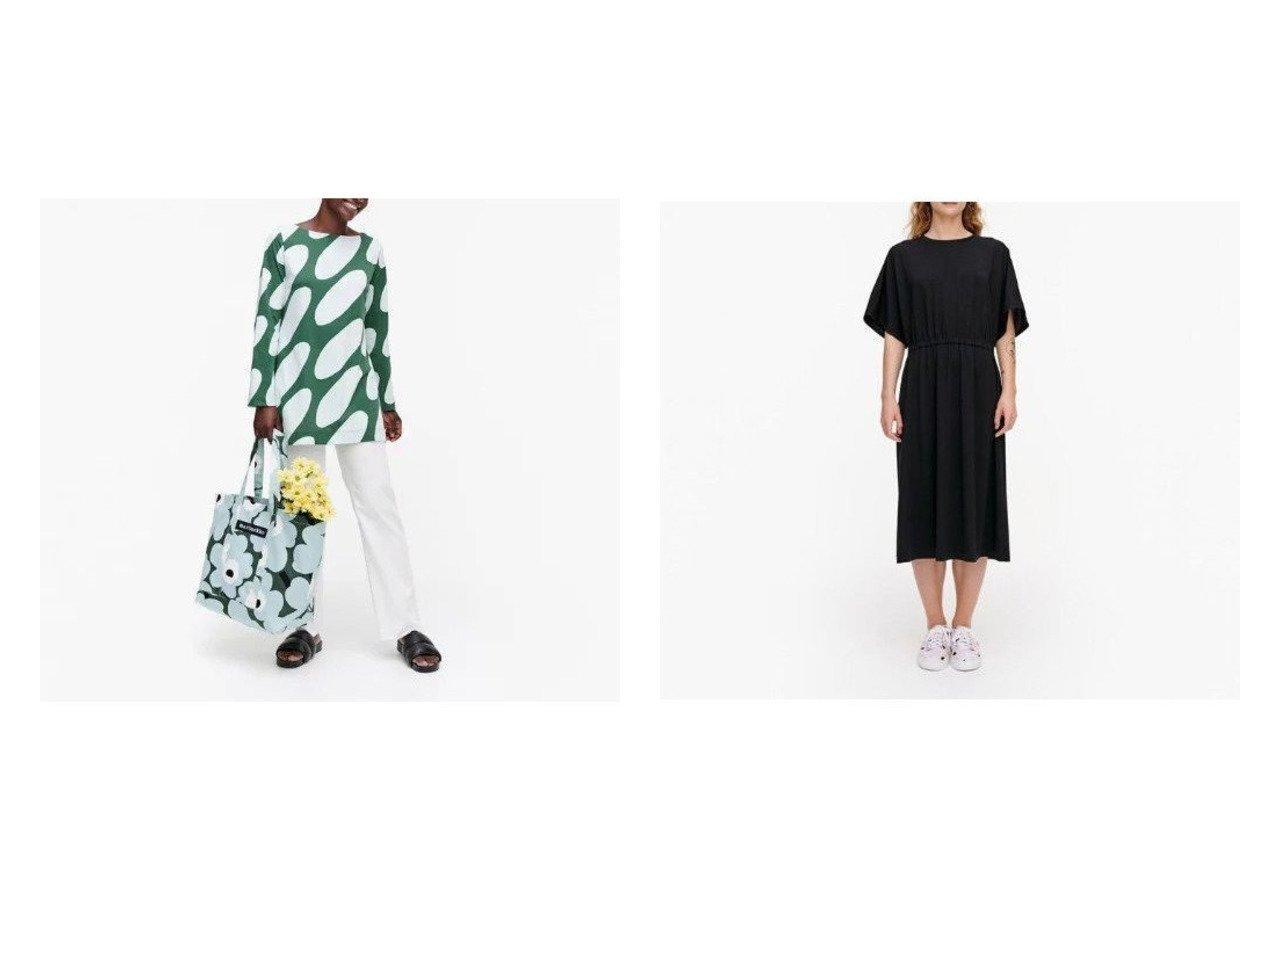 【marimekko/マリメッコ】のIkkunani ワンピース&Juurilla Linssi チュニック おすすめ!人気、トレンド・レディースファッションの通販 おすすめで人気の流行・トレンド、ファッションの通販商品 メンズファッション・キッズファッション・インテリア・家具・レディースファッション・服の通販 founy(ファニー) https://founy.com/ ファッション Fashion レディースファッション WOMEN トップス・カットソー Tops/Tshirt ワンピース Dress チュニック プリント ギャザー スリーブ |ID:crp329100000035903